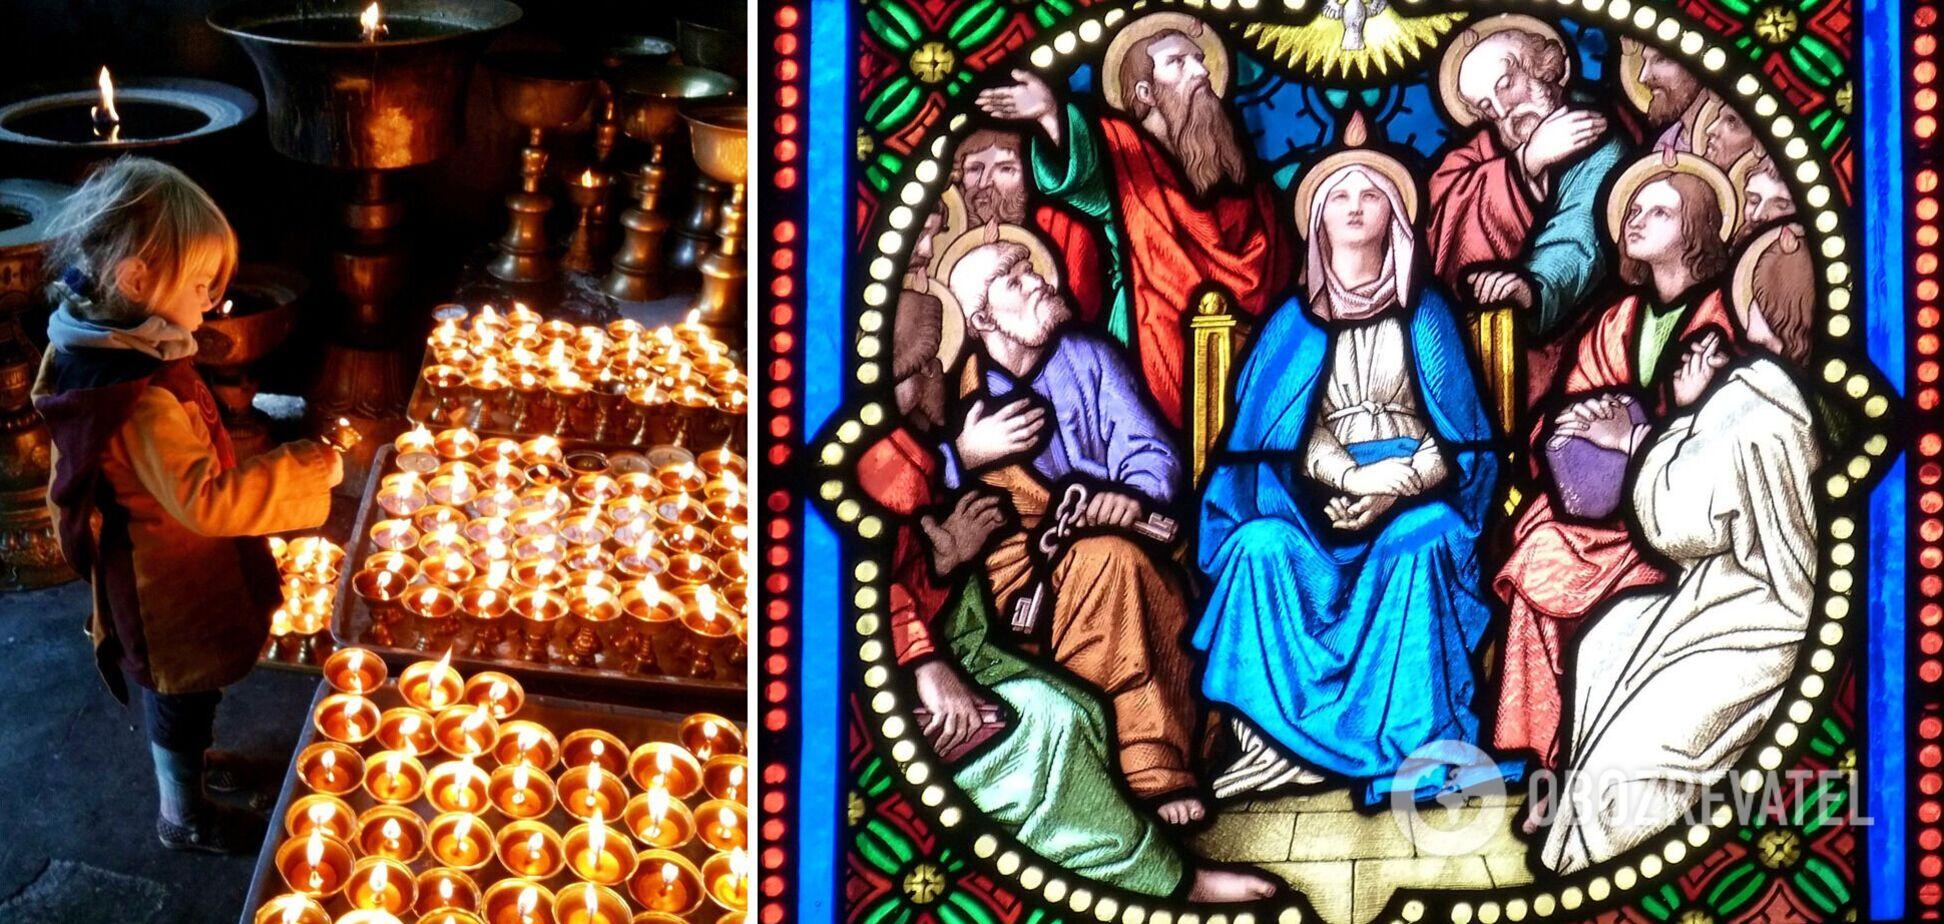 Пятидесятница посвящена событию сошествию Святого Духа на апостолов на пятидесятый день по Воскресении Христову